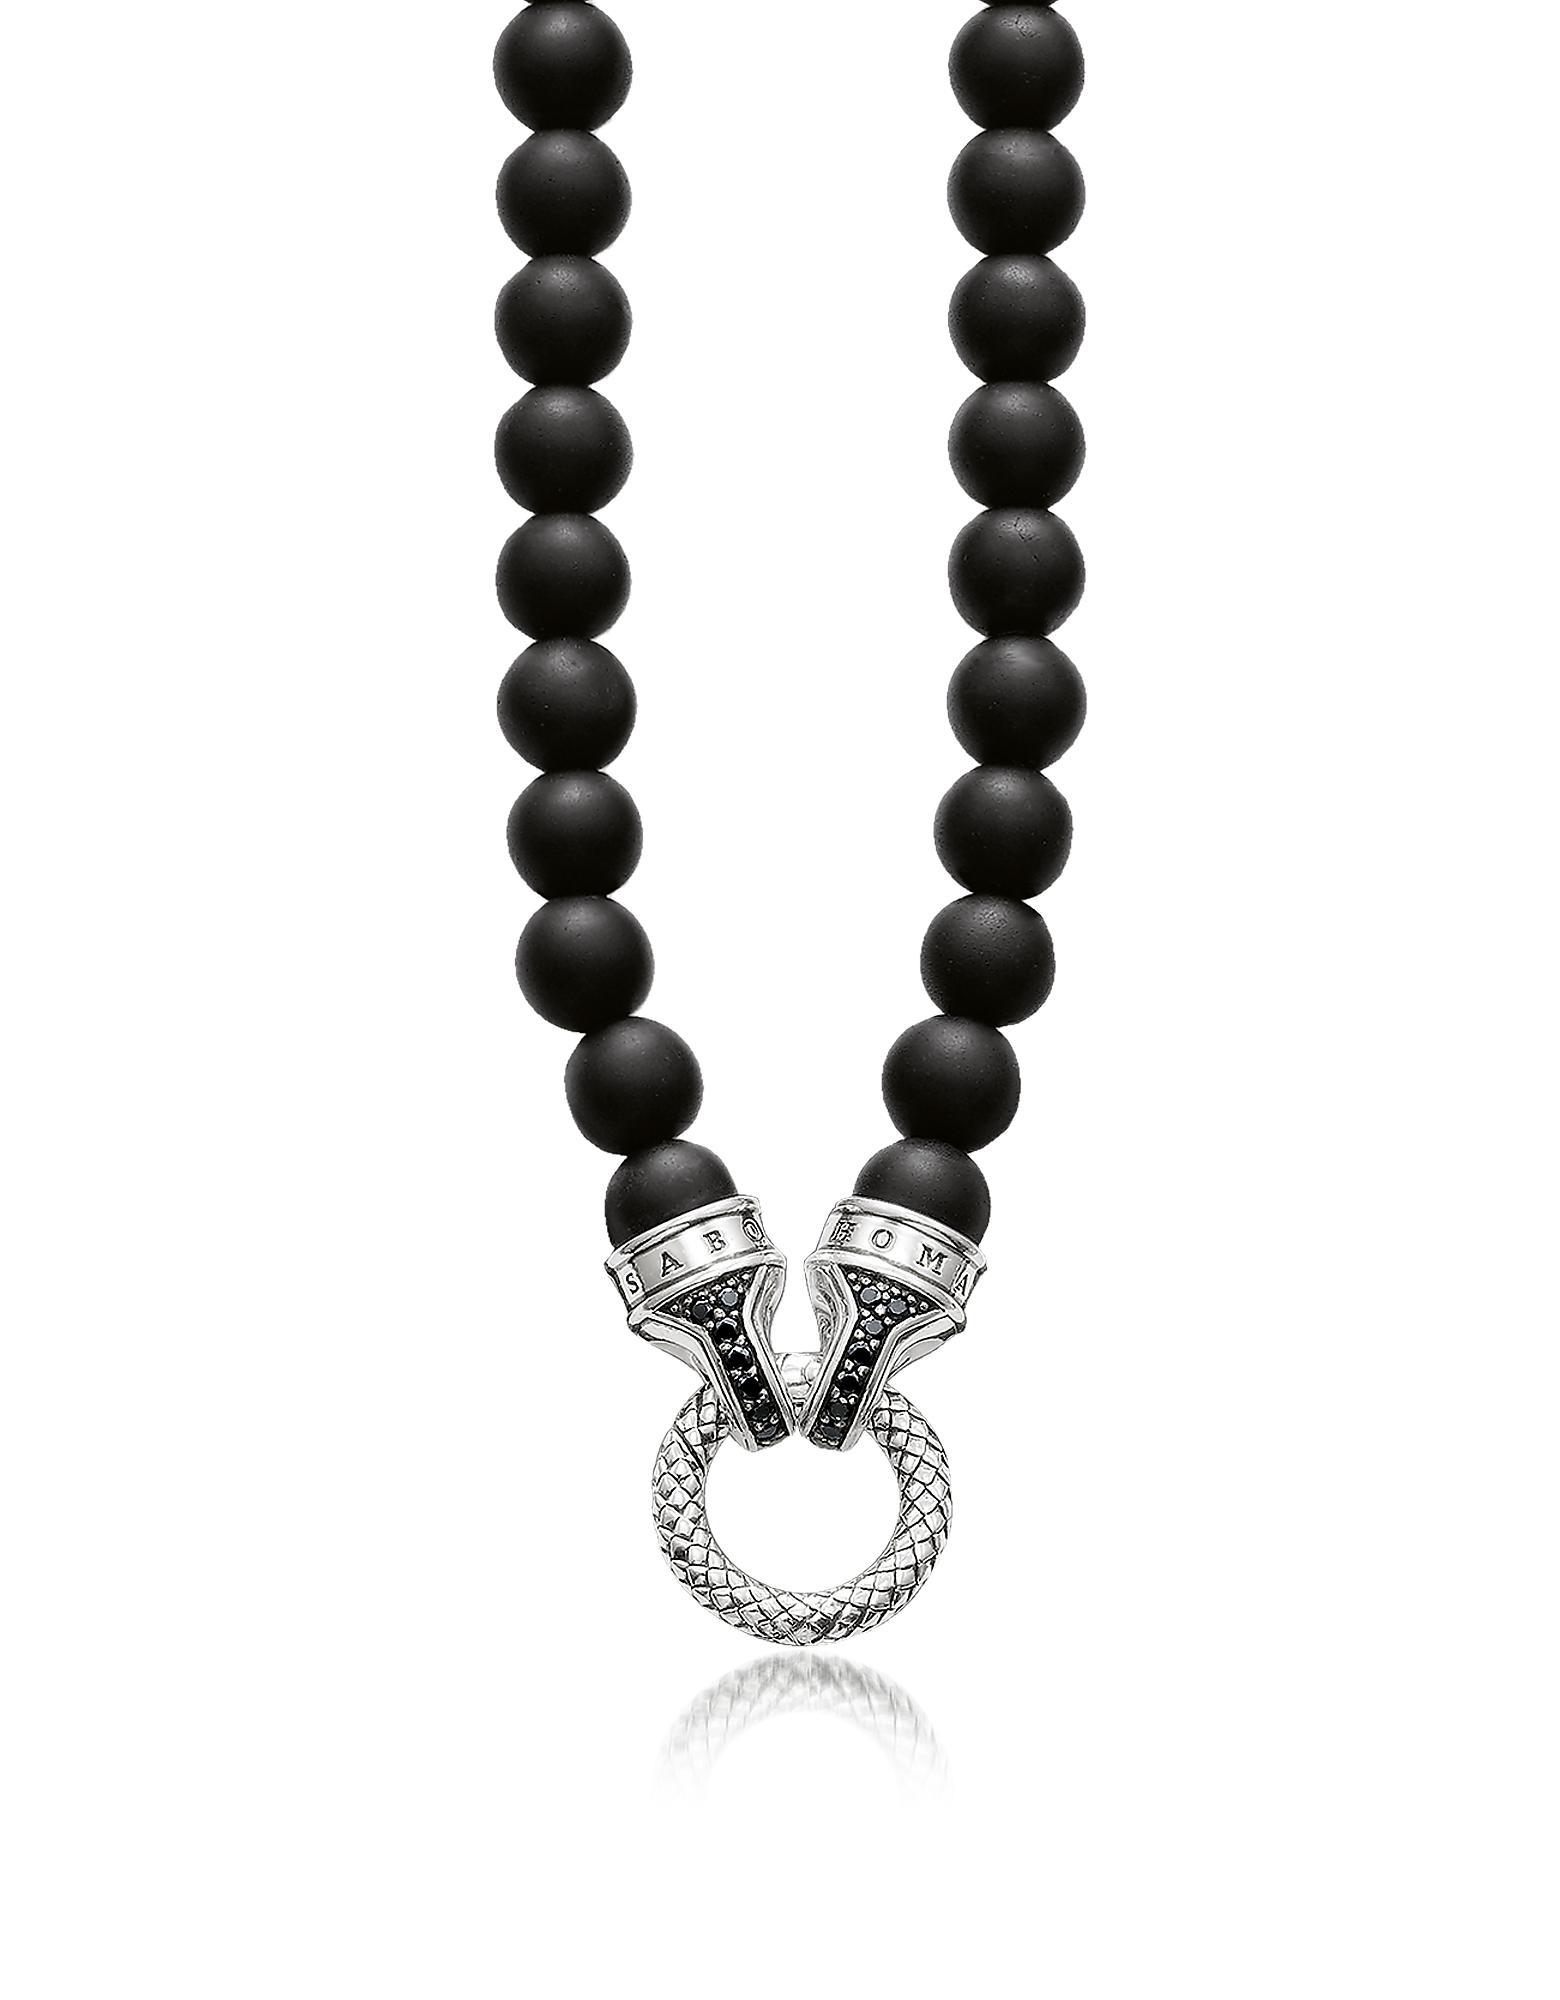 Details für Weg sparen großer Rabatt Herren-Halskette aus Sterlingsilber und Perlen aus Obsidian in schwarz